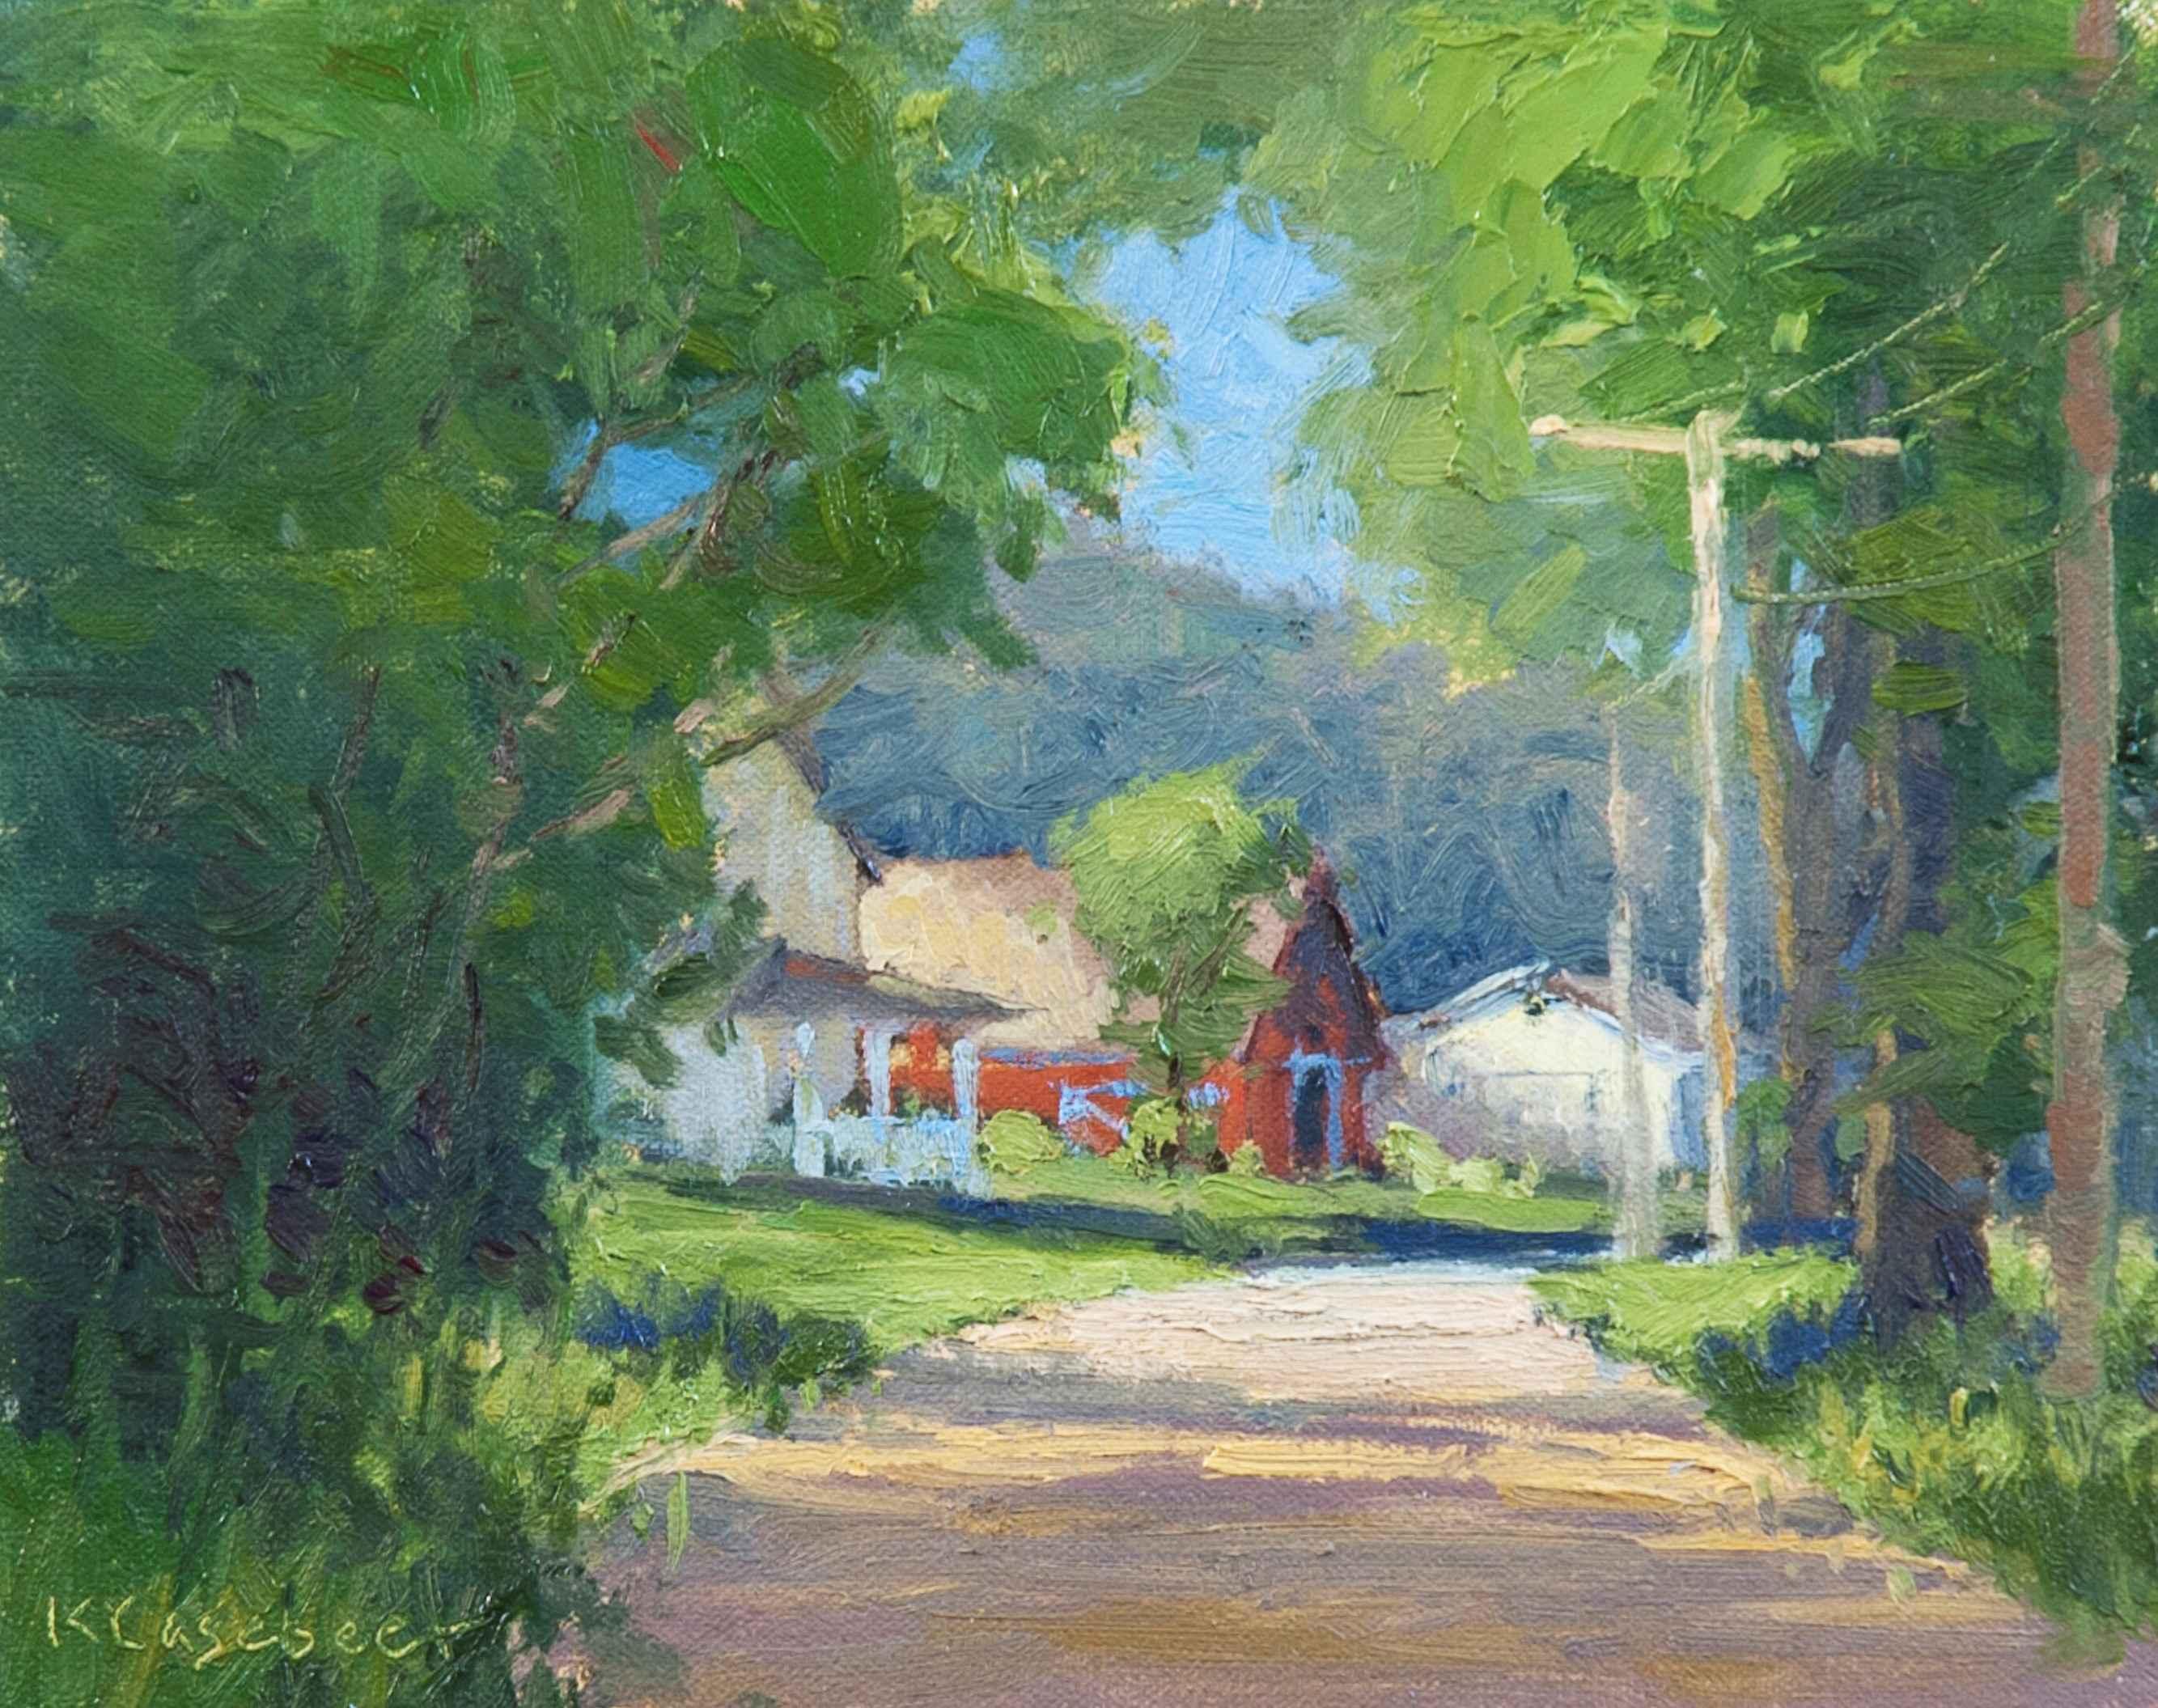 Arlington Road by  Kim Casebeer - Masterpiece Online